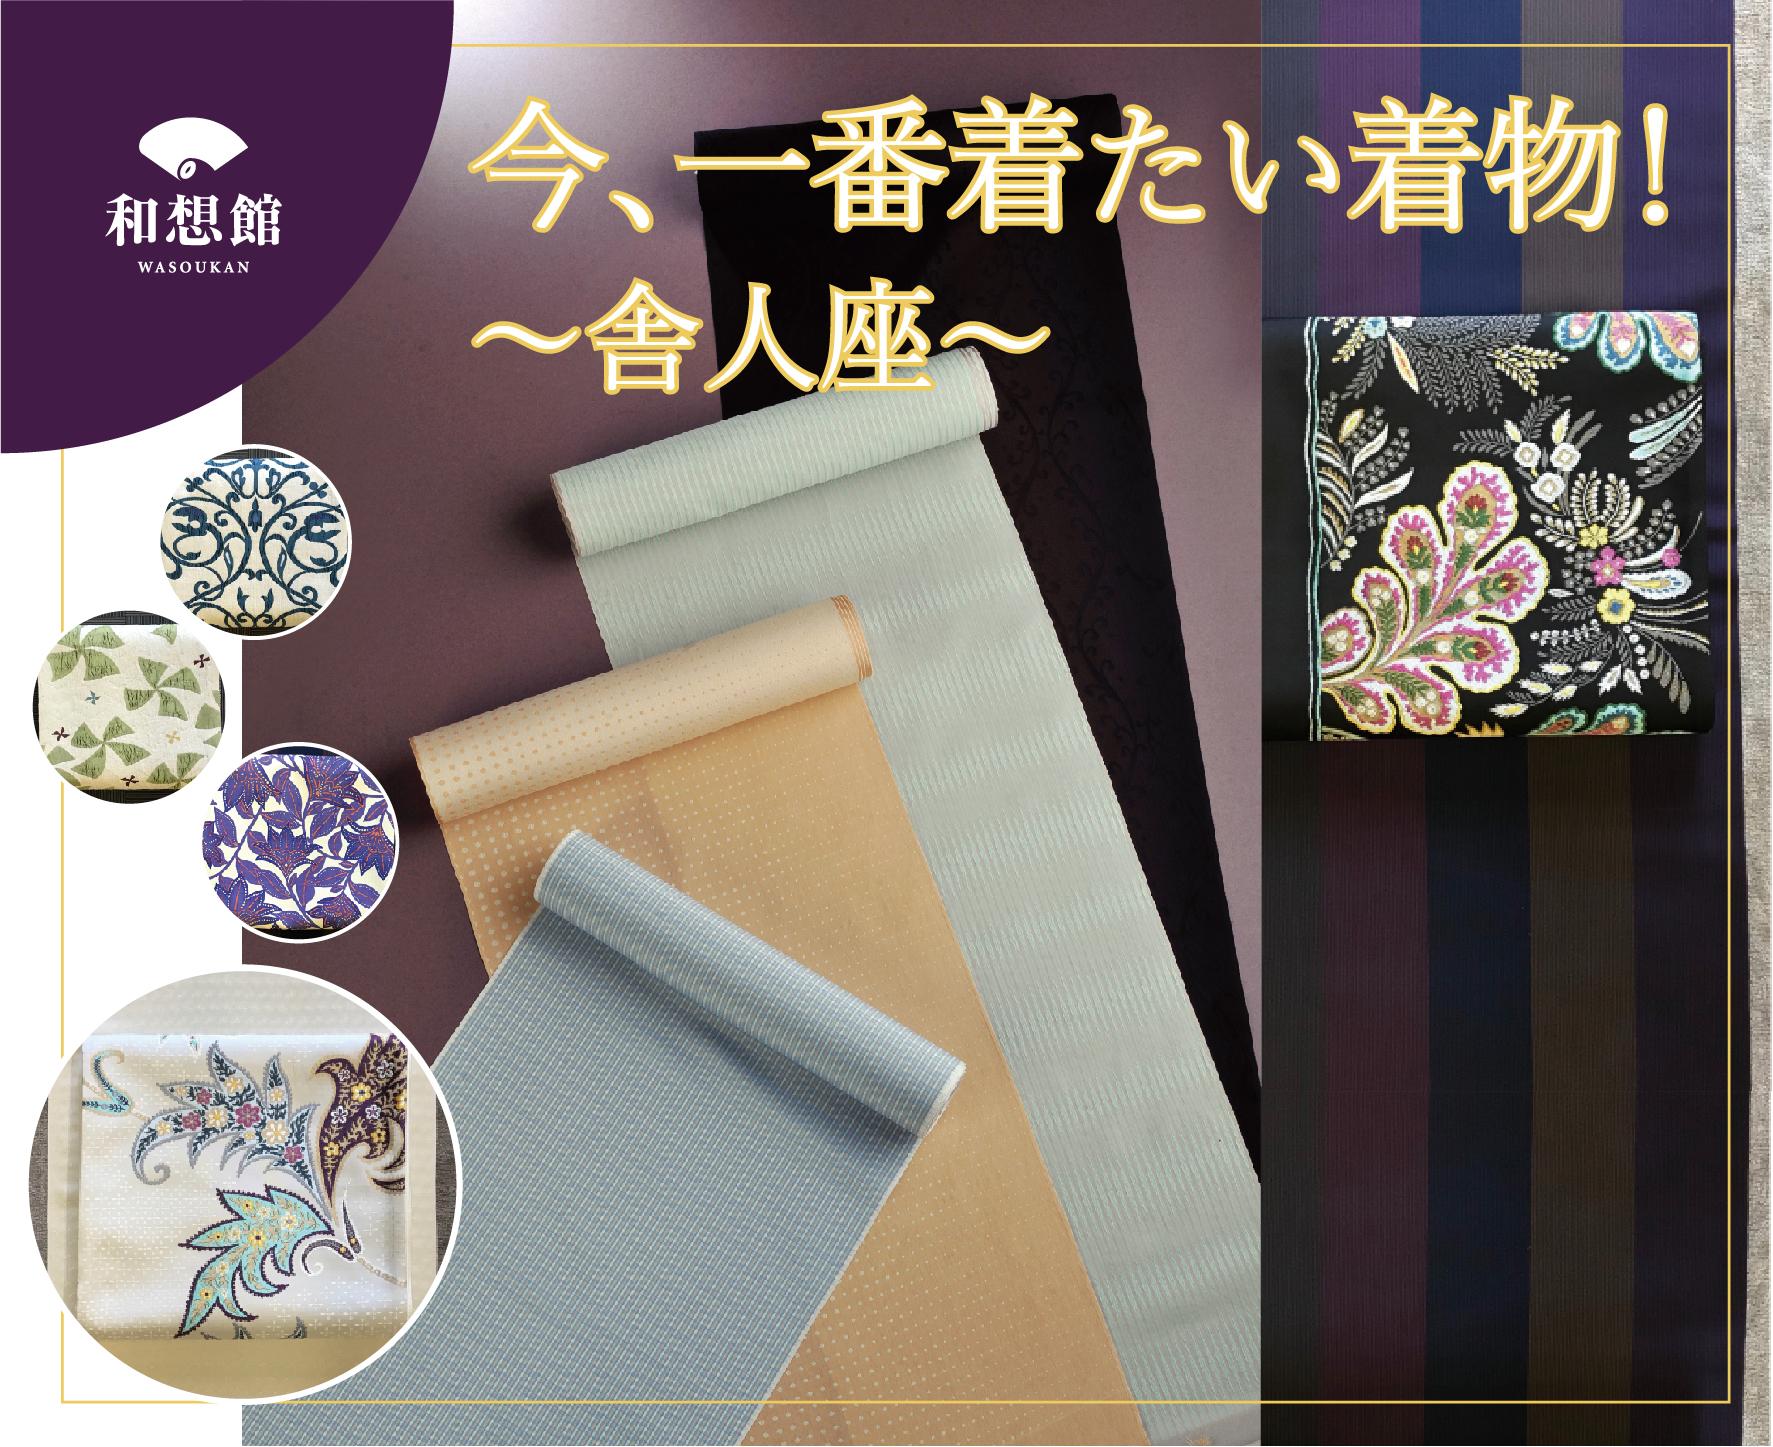 【浜田店】3月展示 今、一番着たい着物! ~舎人座~